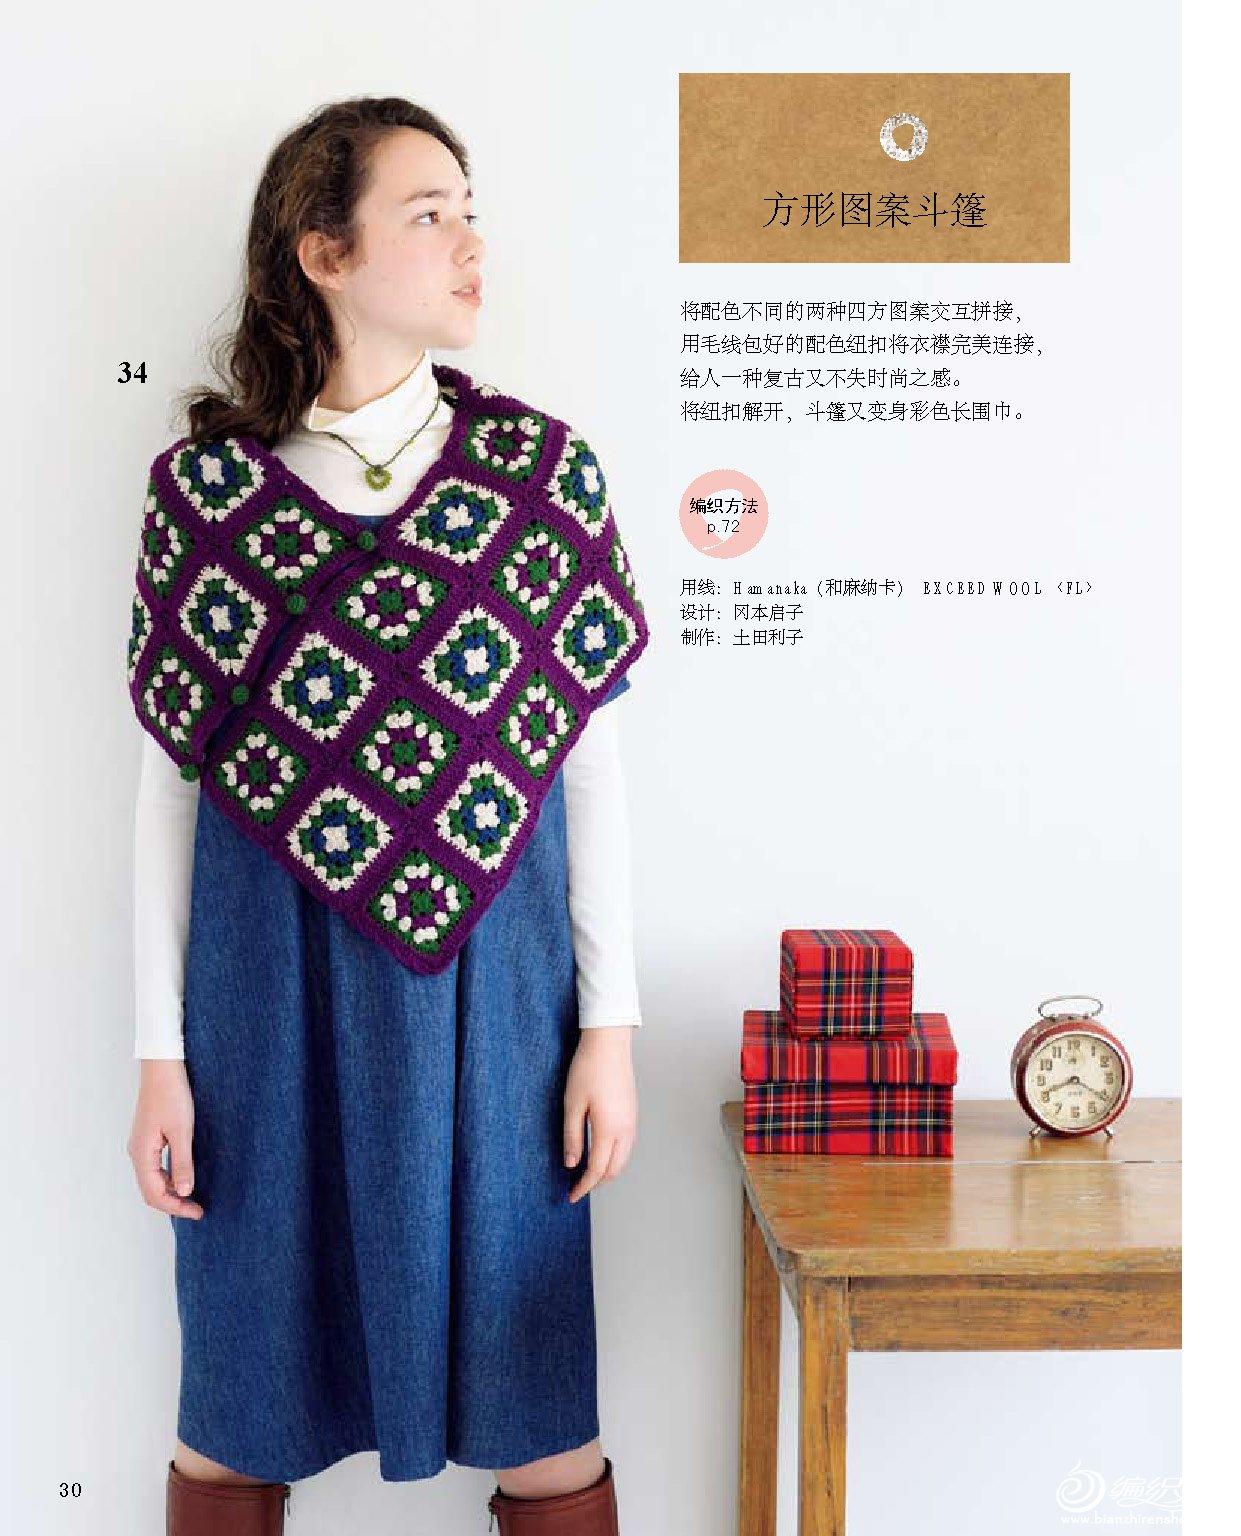 冬日温暖手工 围巾、披肩编织小可爱_页面_31.jpg